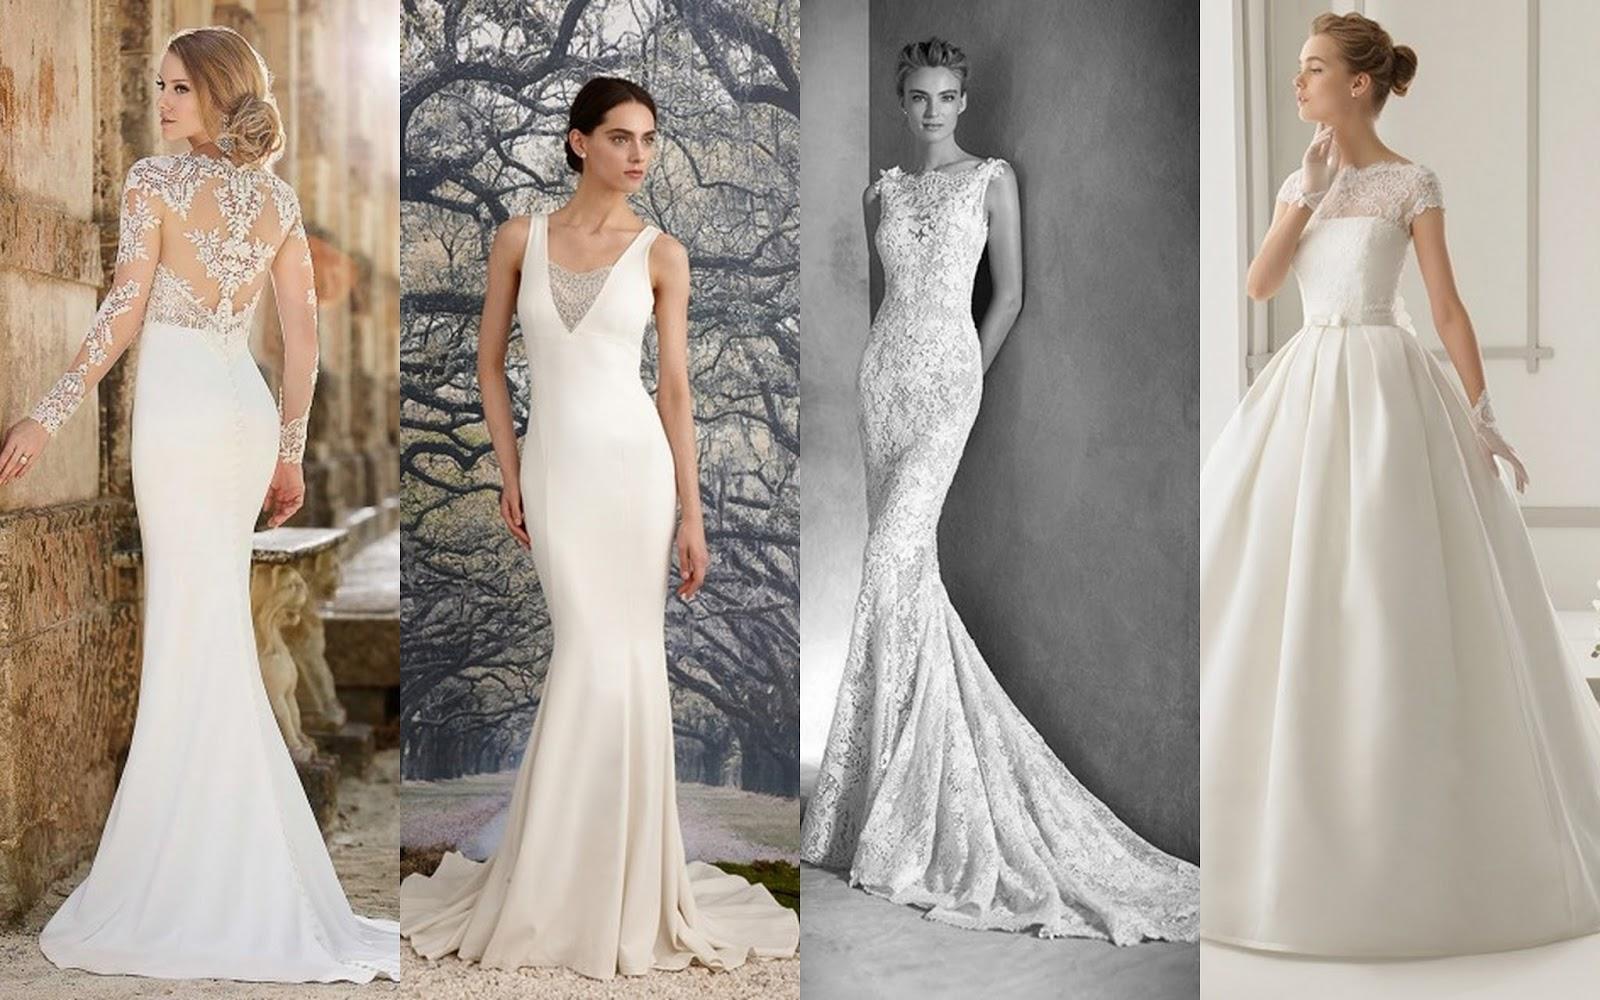 WEDDING DRESSES FROM LANDYBRIDAL / MÉLÒDÝ JACÒB